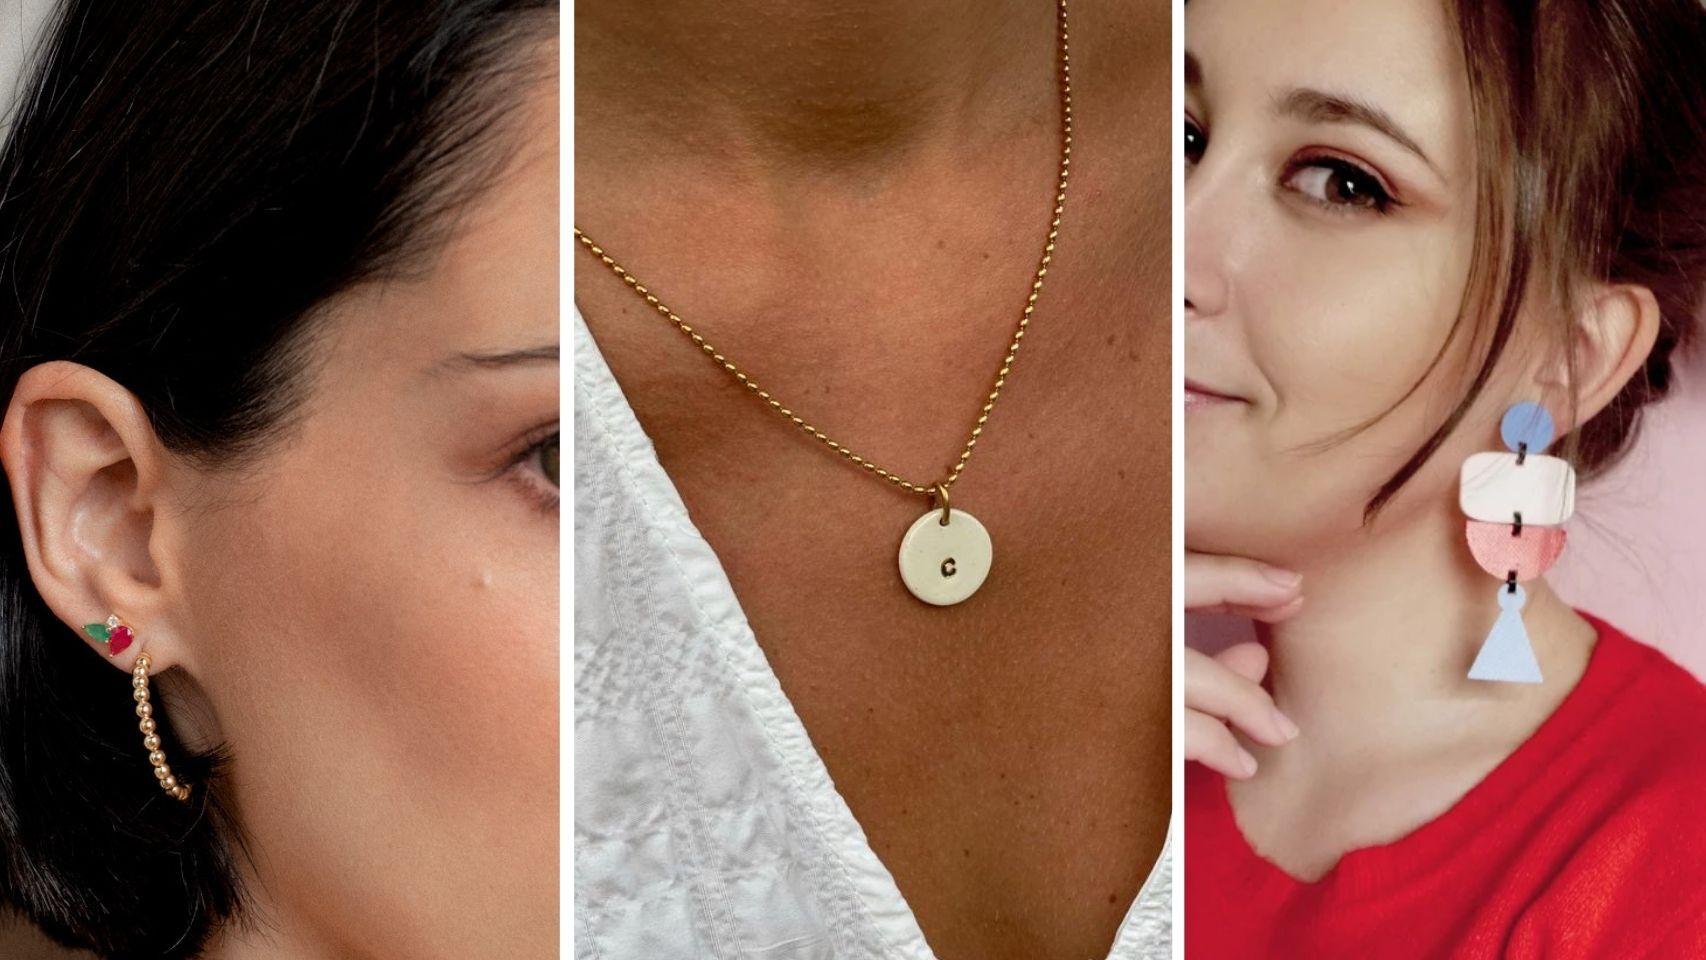 Descubre estas firmas de joyas 'made in Spain' con diseños originales, vistosos y únicos.